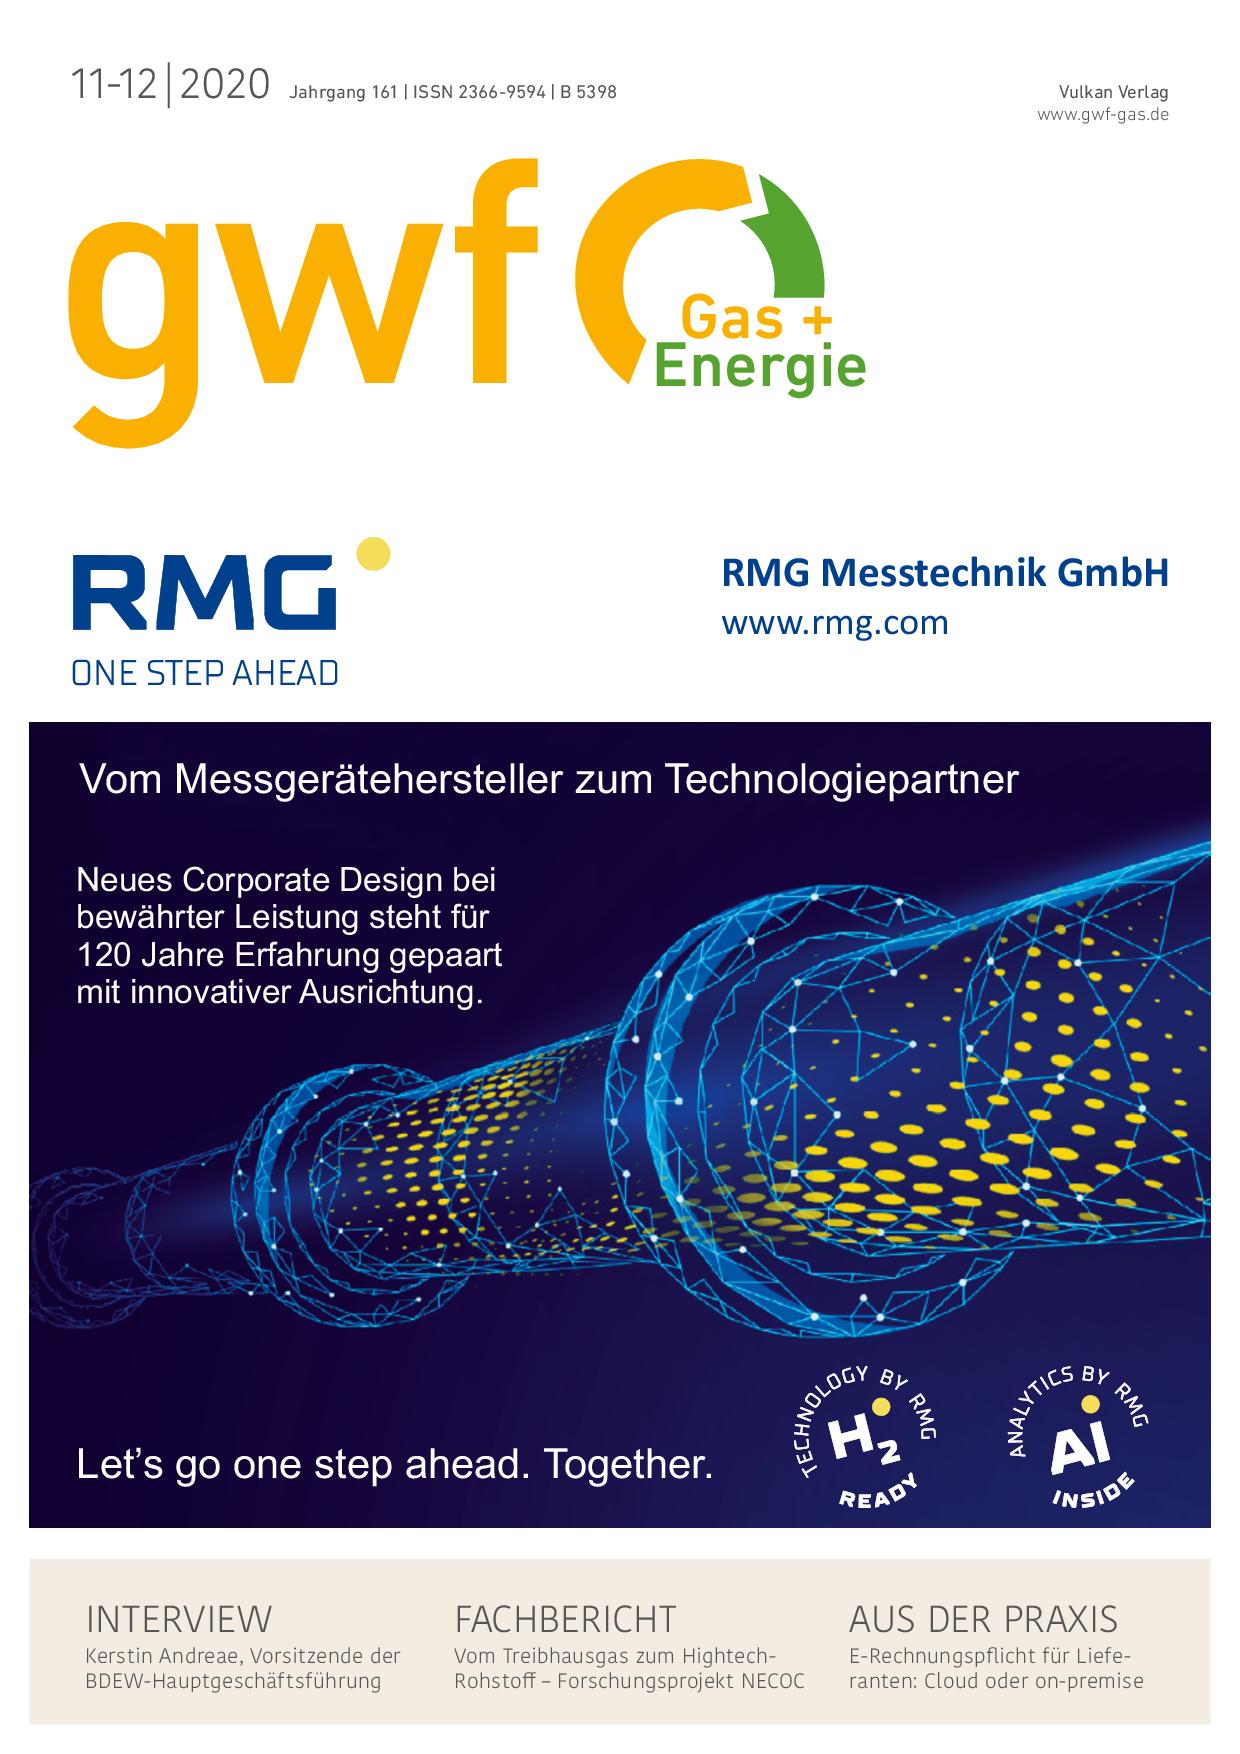 gwf Gas+Energie – 11-12 2020